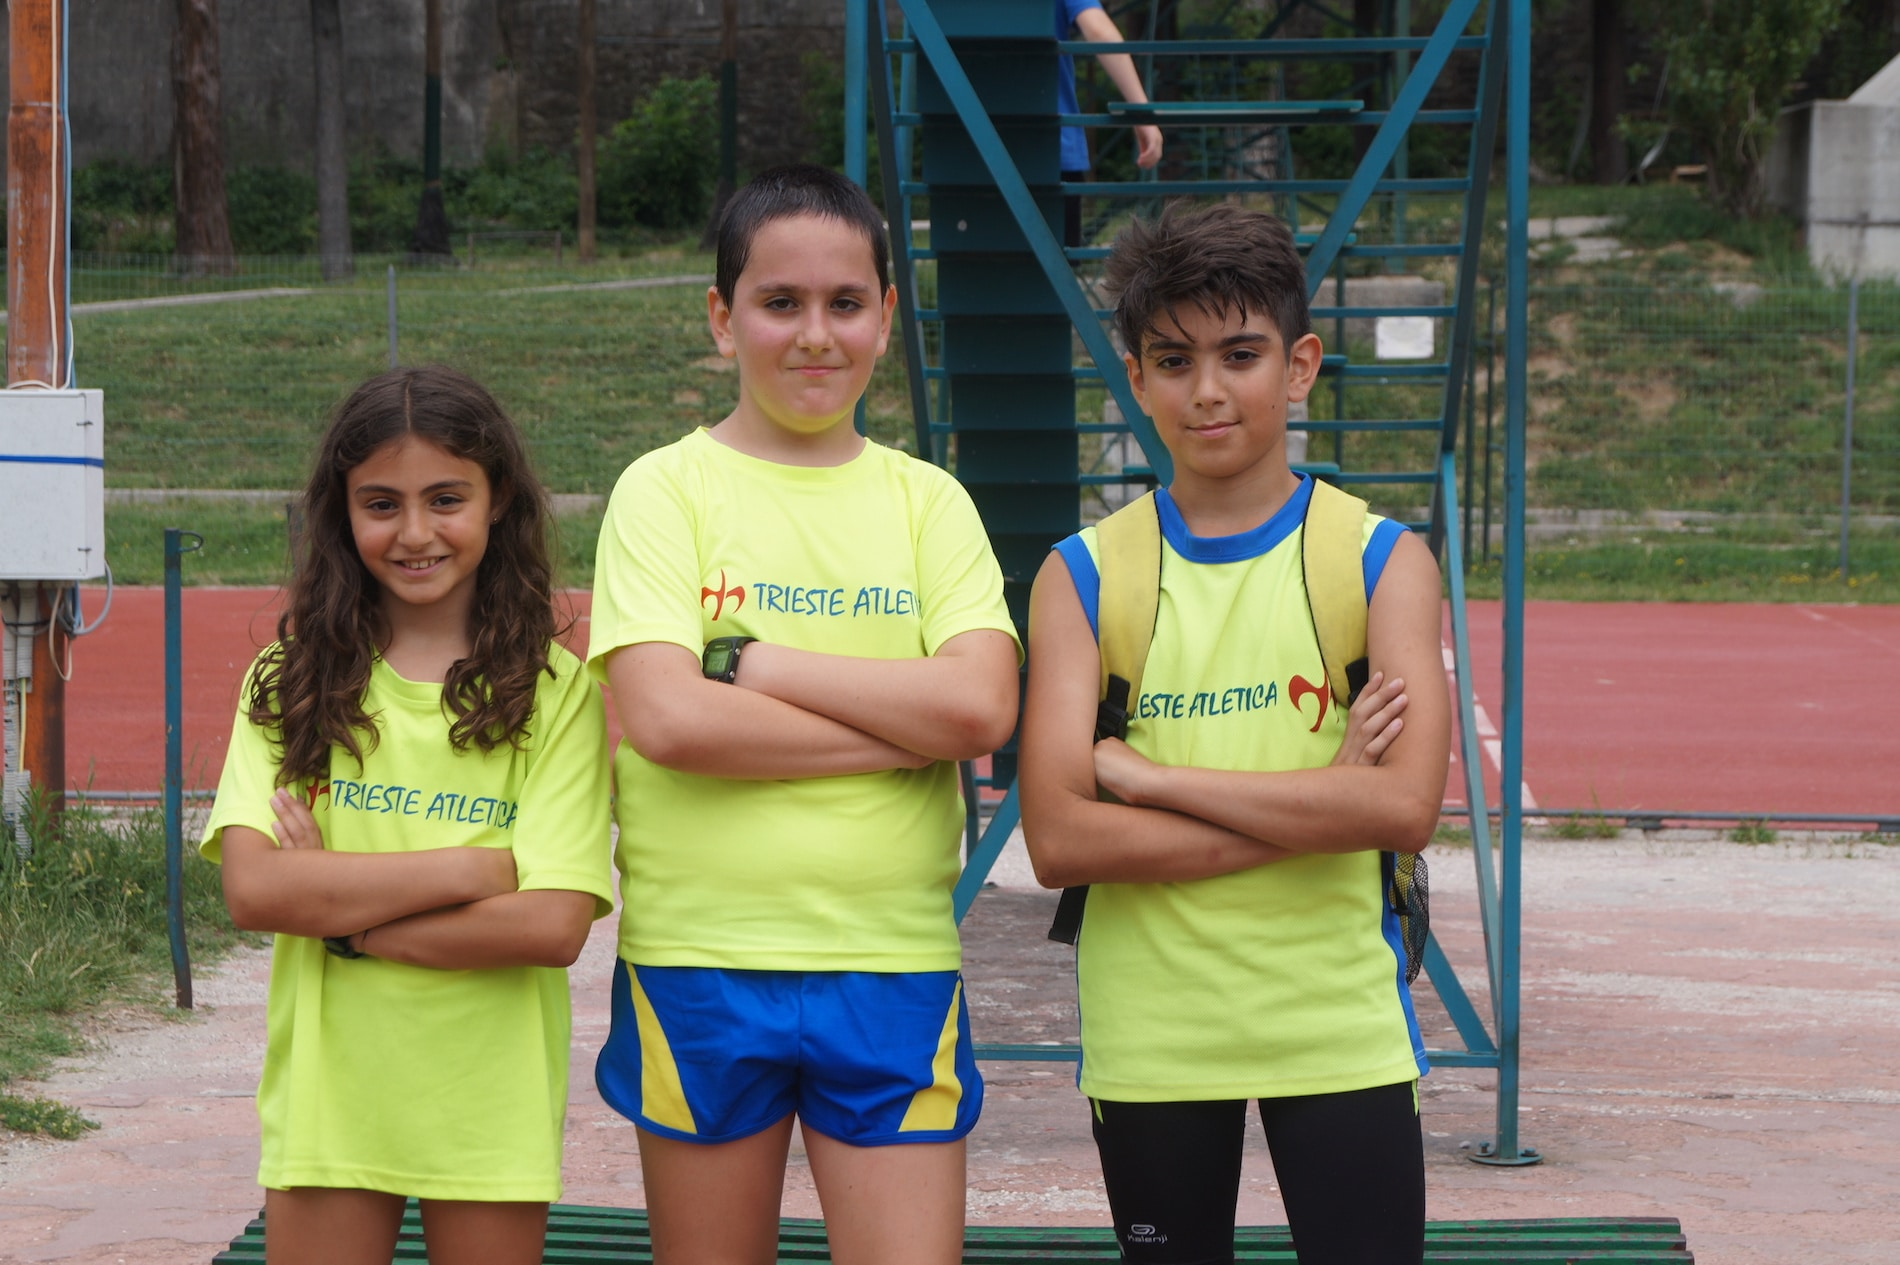 Occorre ai Giovani correre?